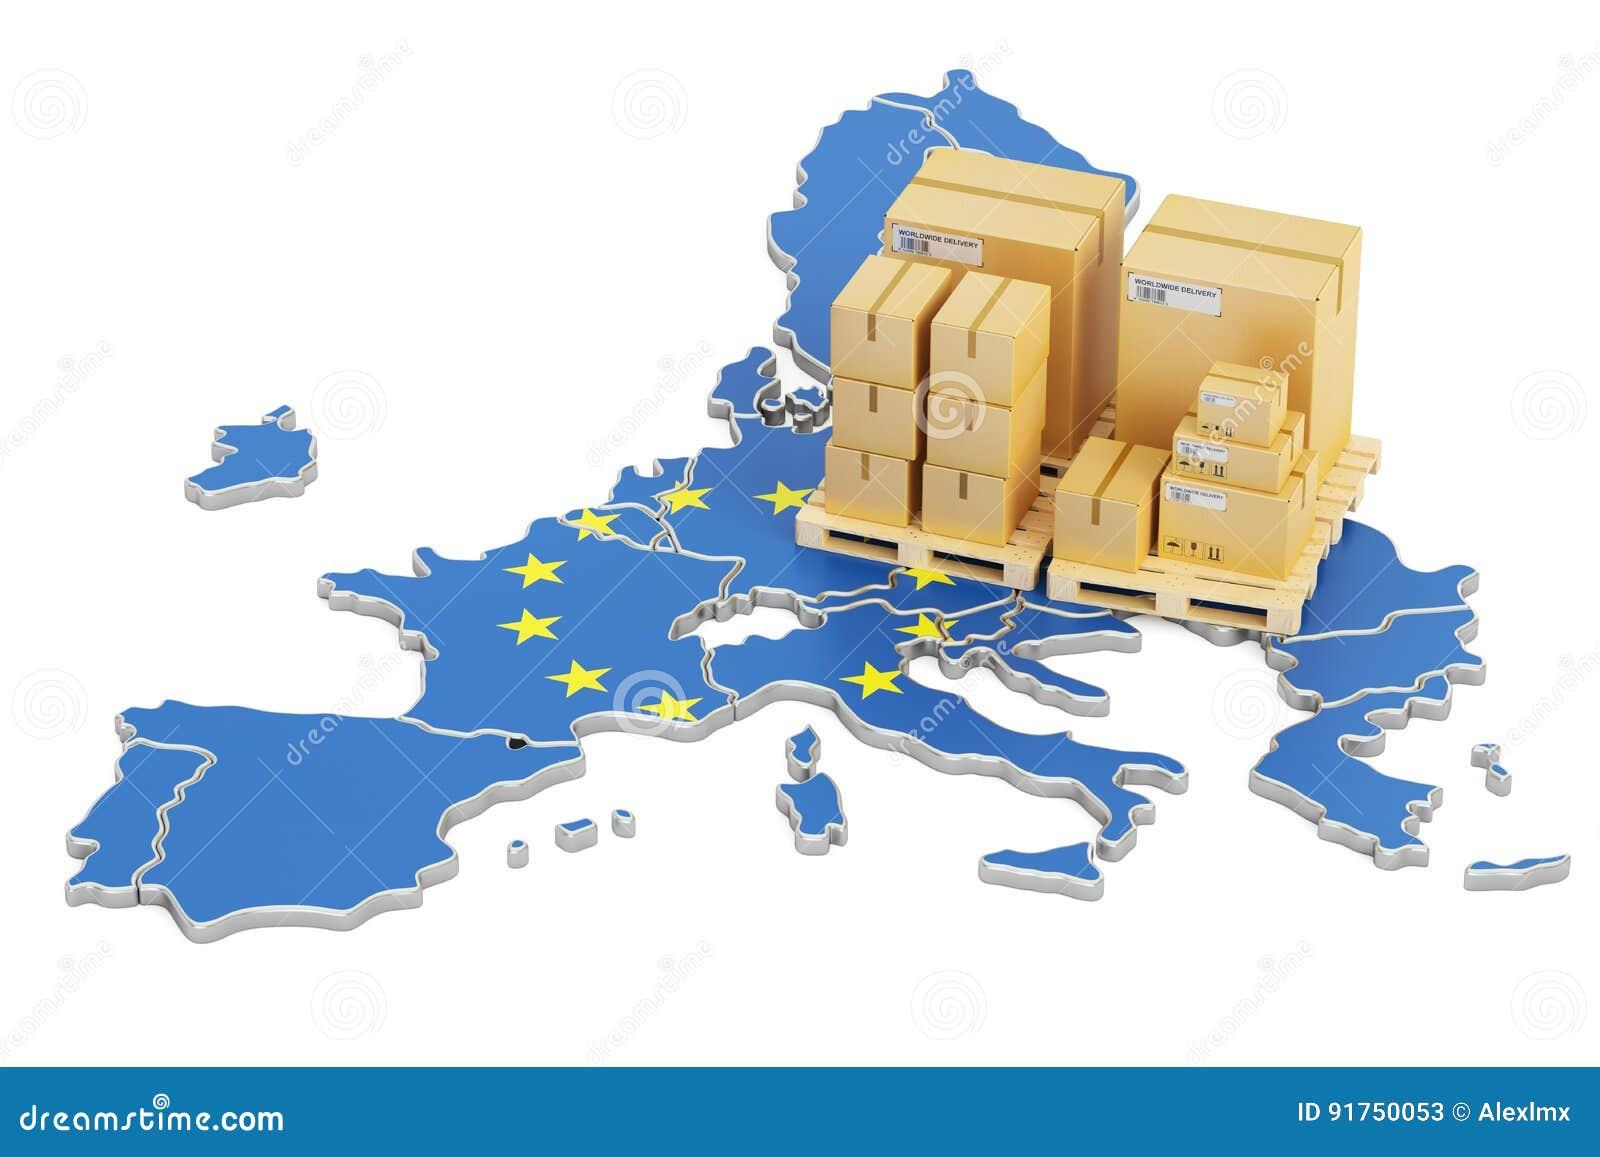 Sändnings och leverans från begreppet för europeisk union, tolkning 3D